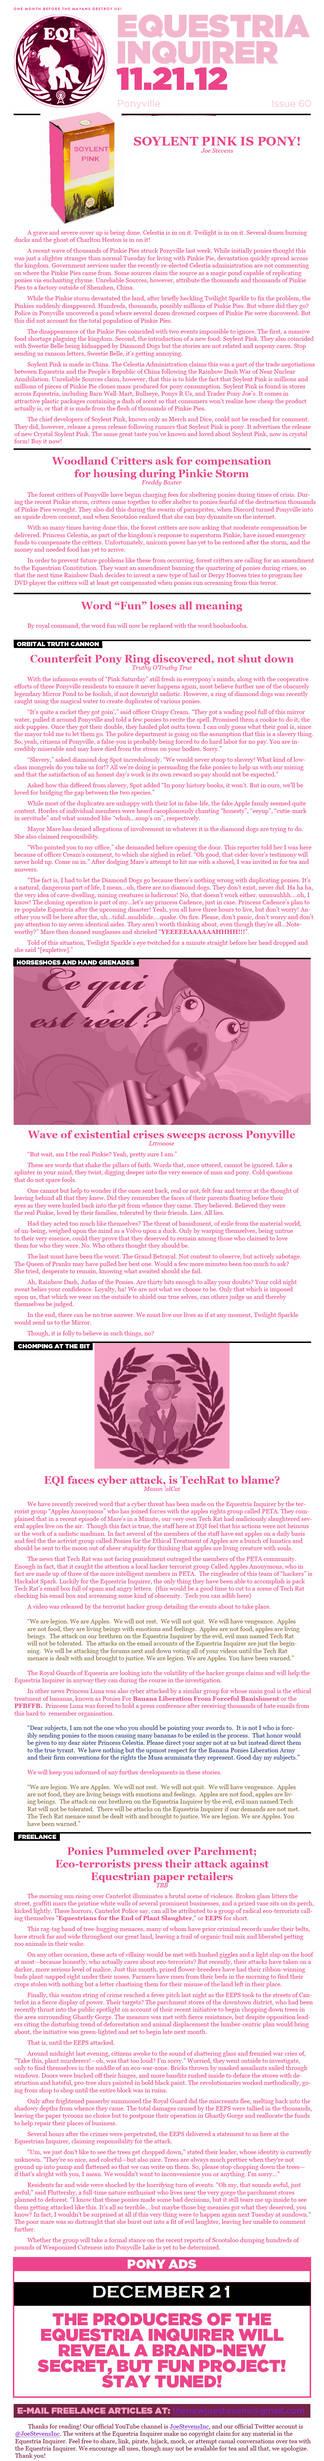 Equestria Inquirer 60